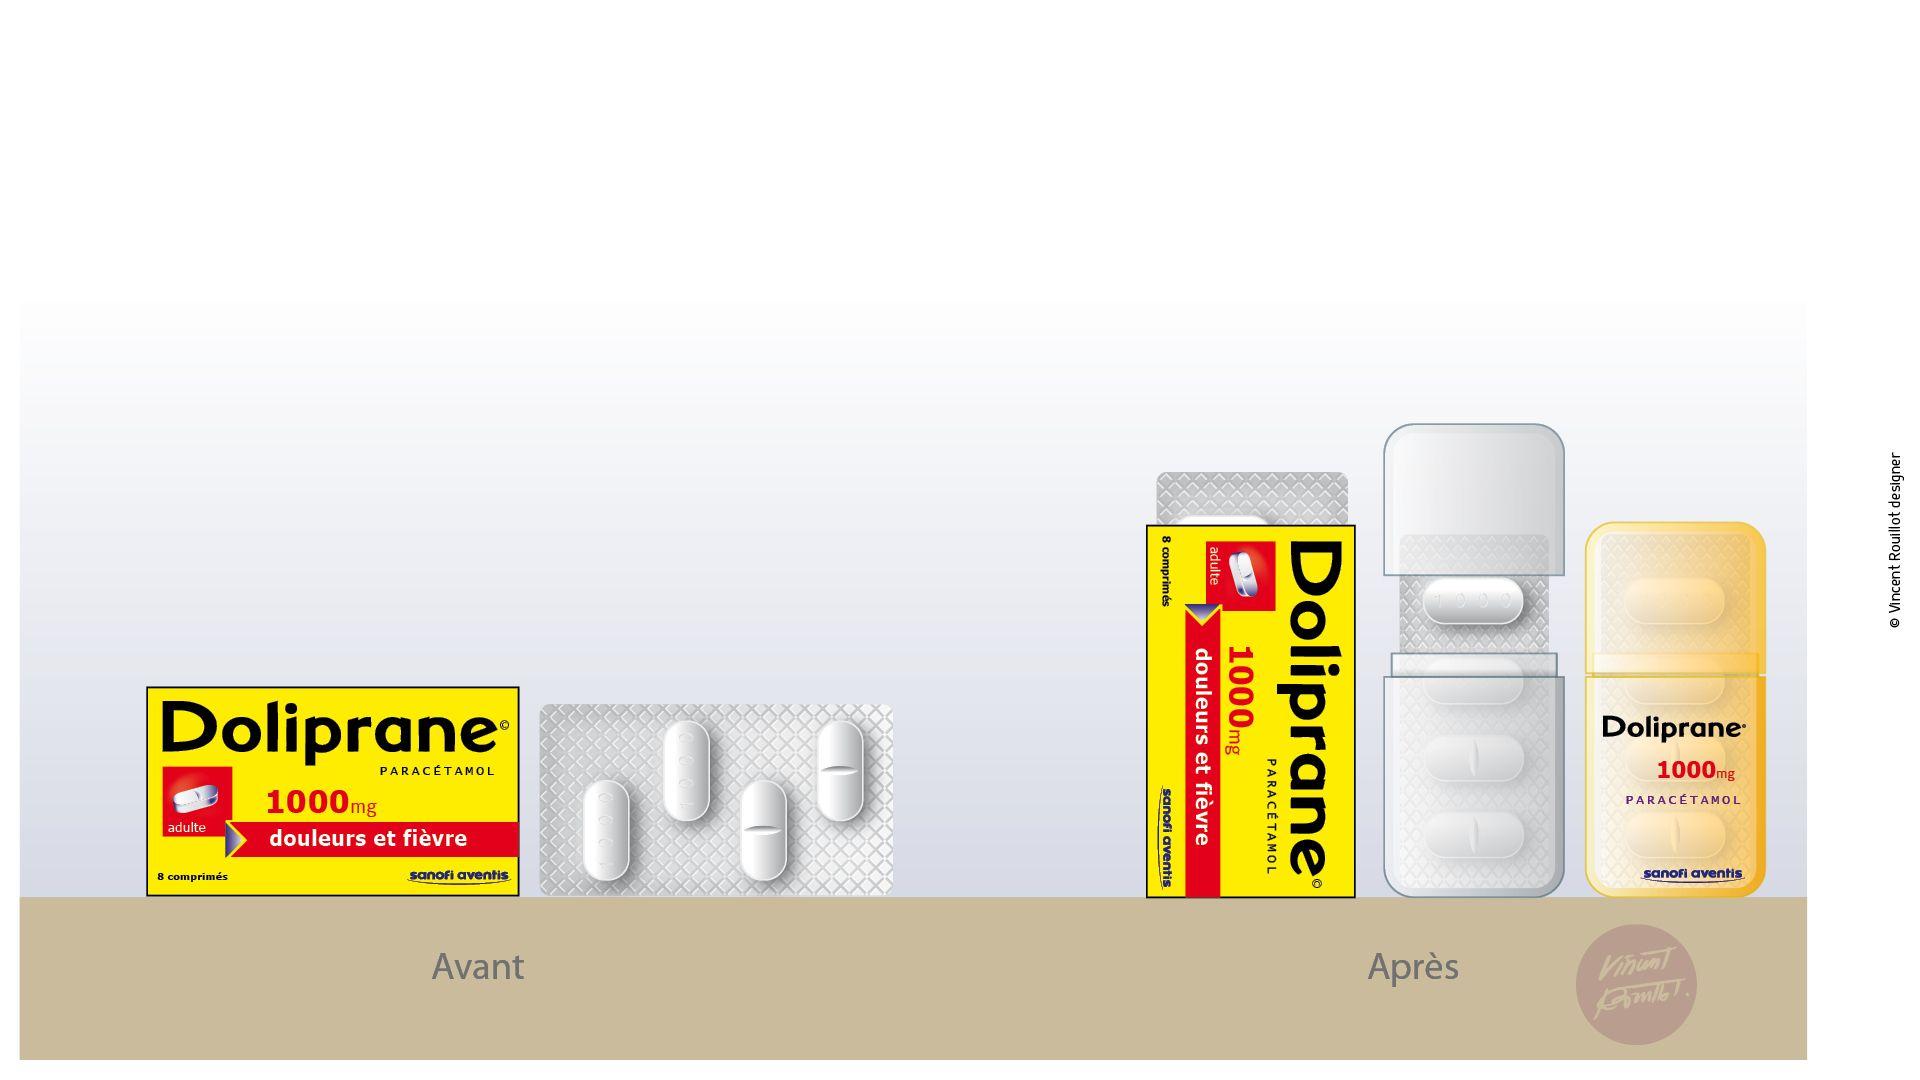 Design Packaging - designer Vincent Rouillot  Projet Sanofi Avantis Relookage des packs carton en boitier nomade. A glisser dans la poche, plus pratique, objet du quotidien qui se montre… translucide pour savoir combien il en reste. A la verticale pour mieux tenir dans la poche.